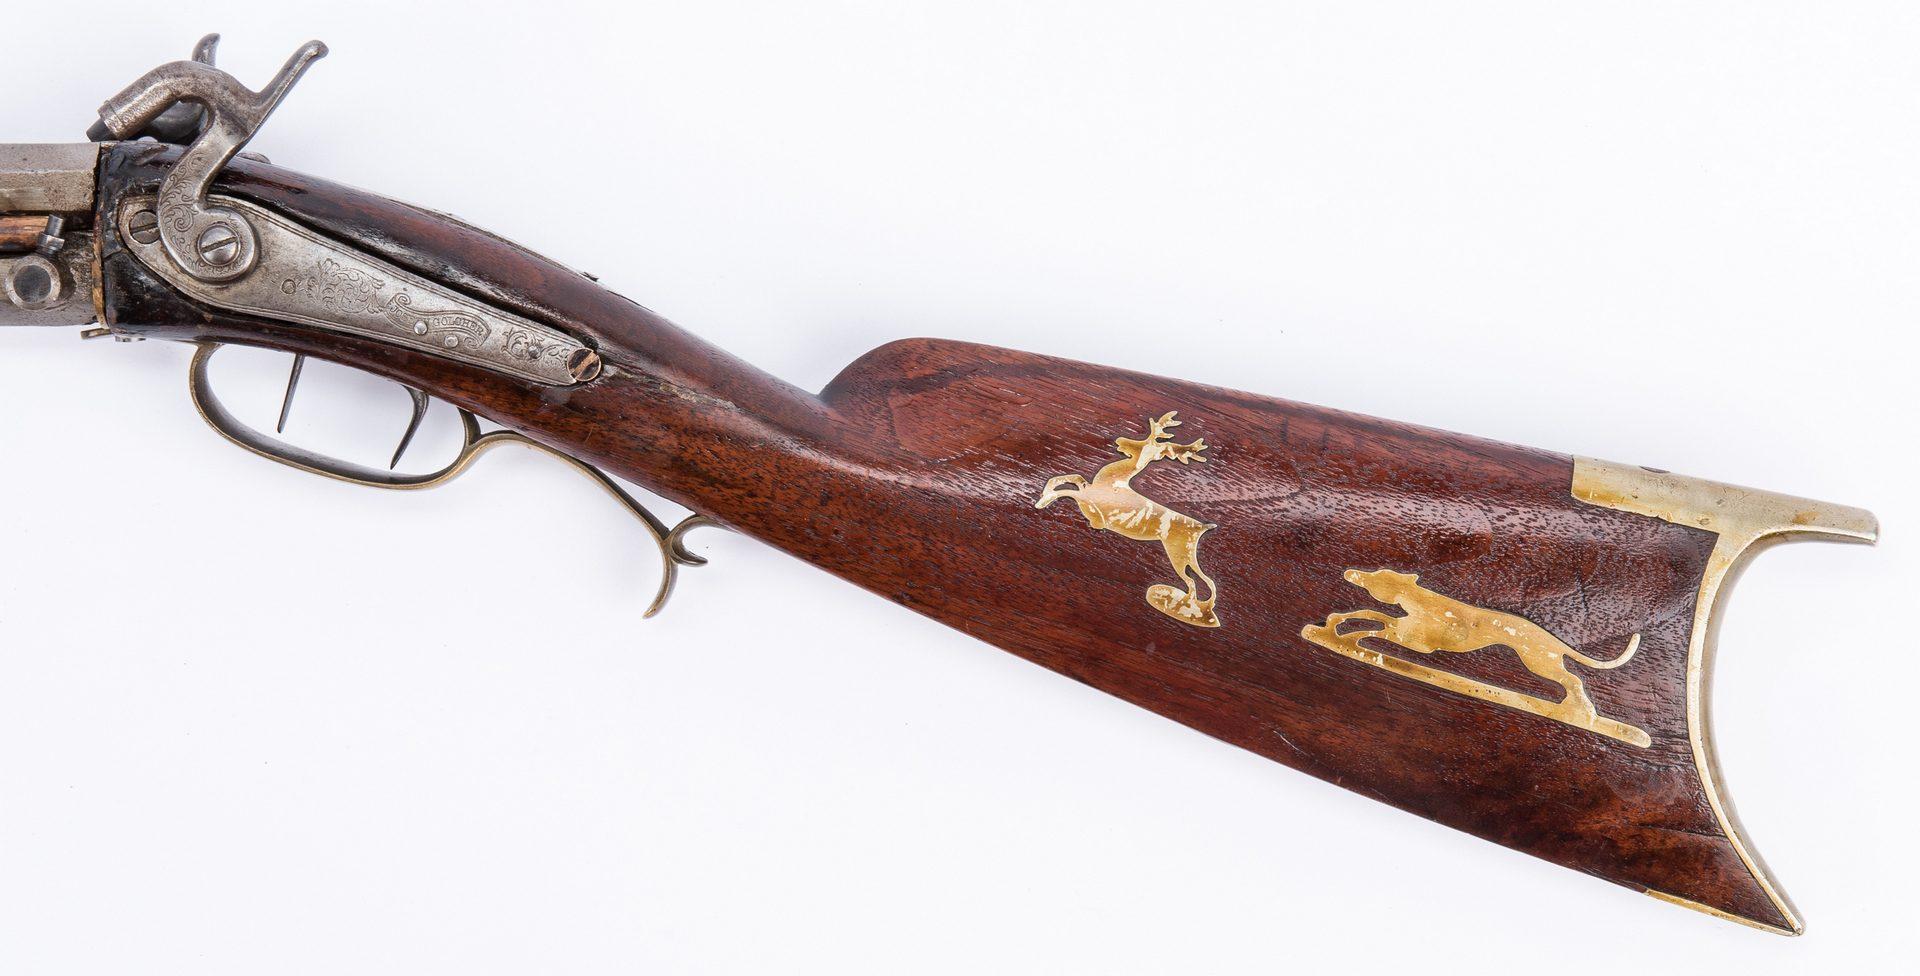 Lot 375: Inlaid O/U rifle plus TN Bayonet